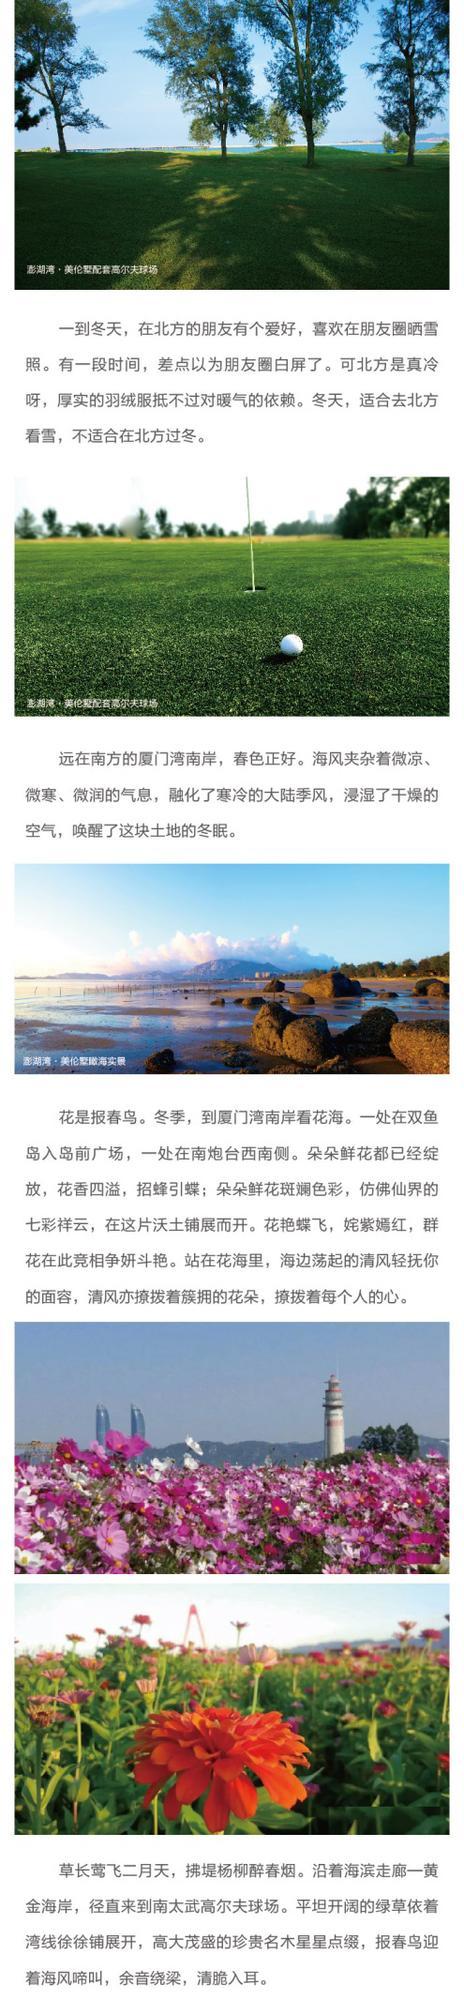 【澎湖湾·美伦墅】冬天,澎湖湾春色正好